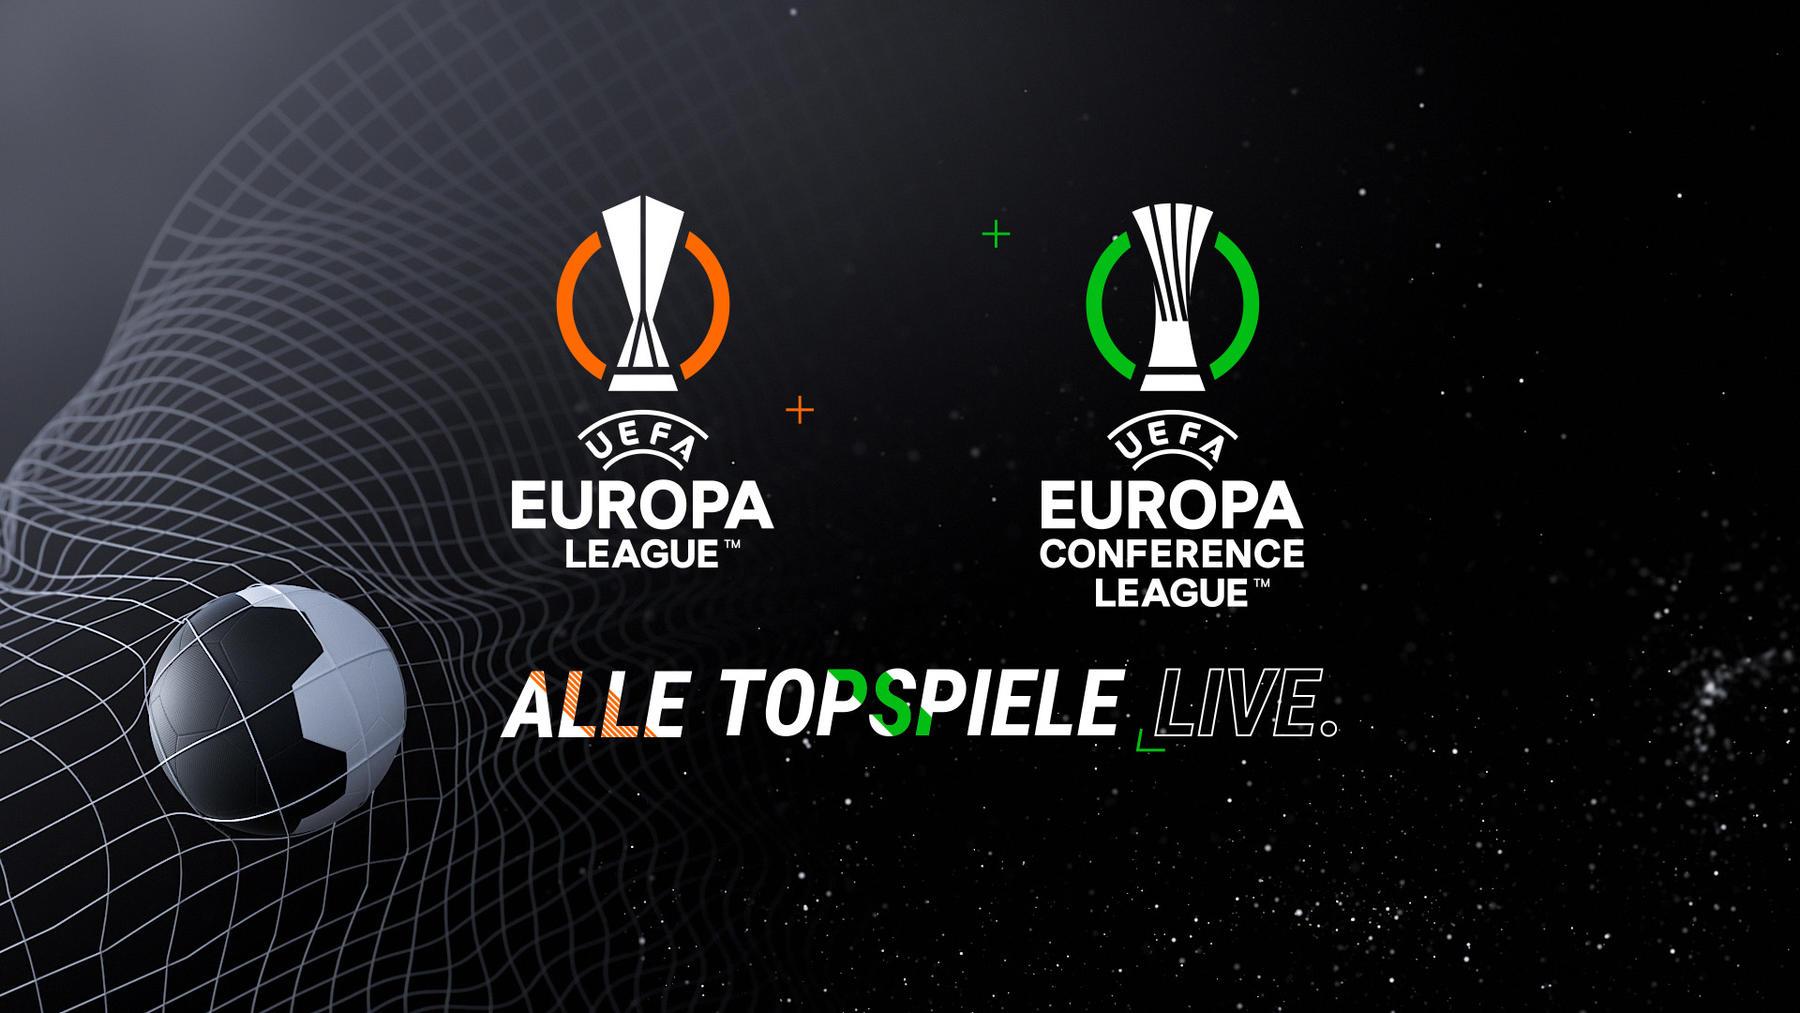 UEFA Europa League und UEFA Europa Conference League